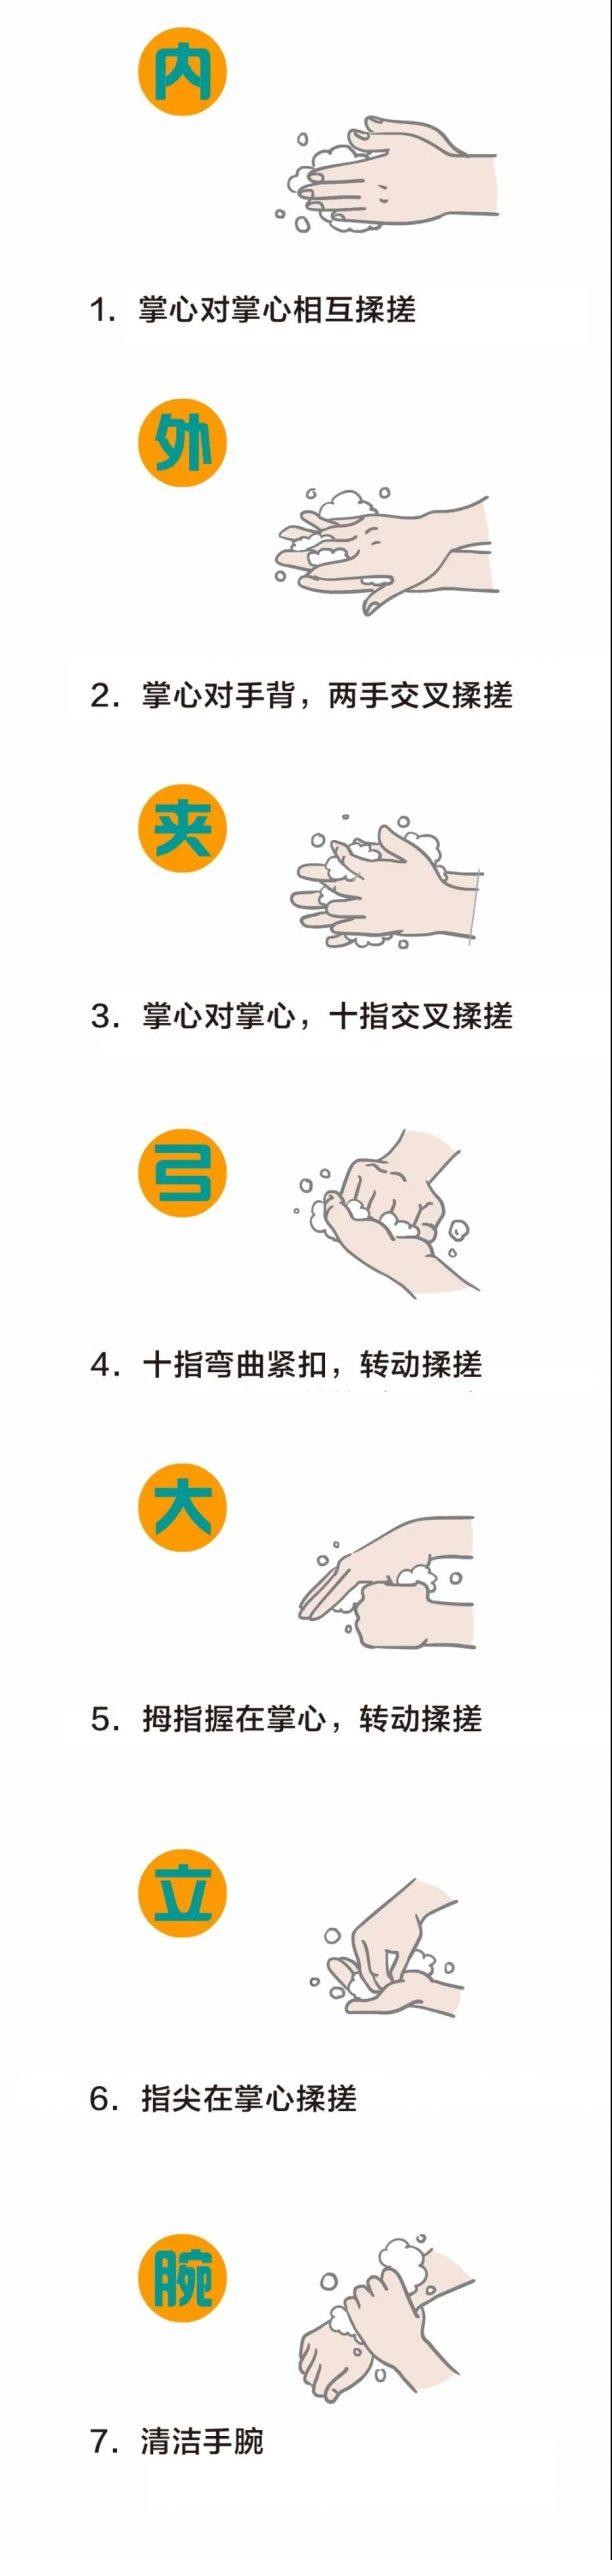 如何正确洗手?教你七字口诀